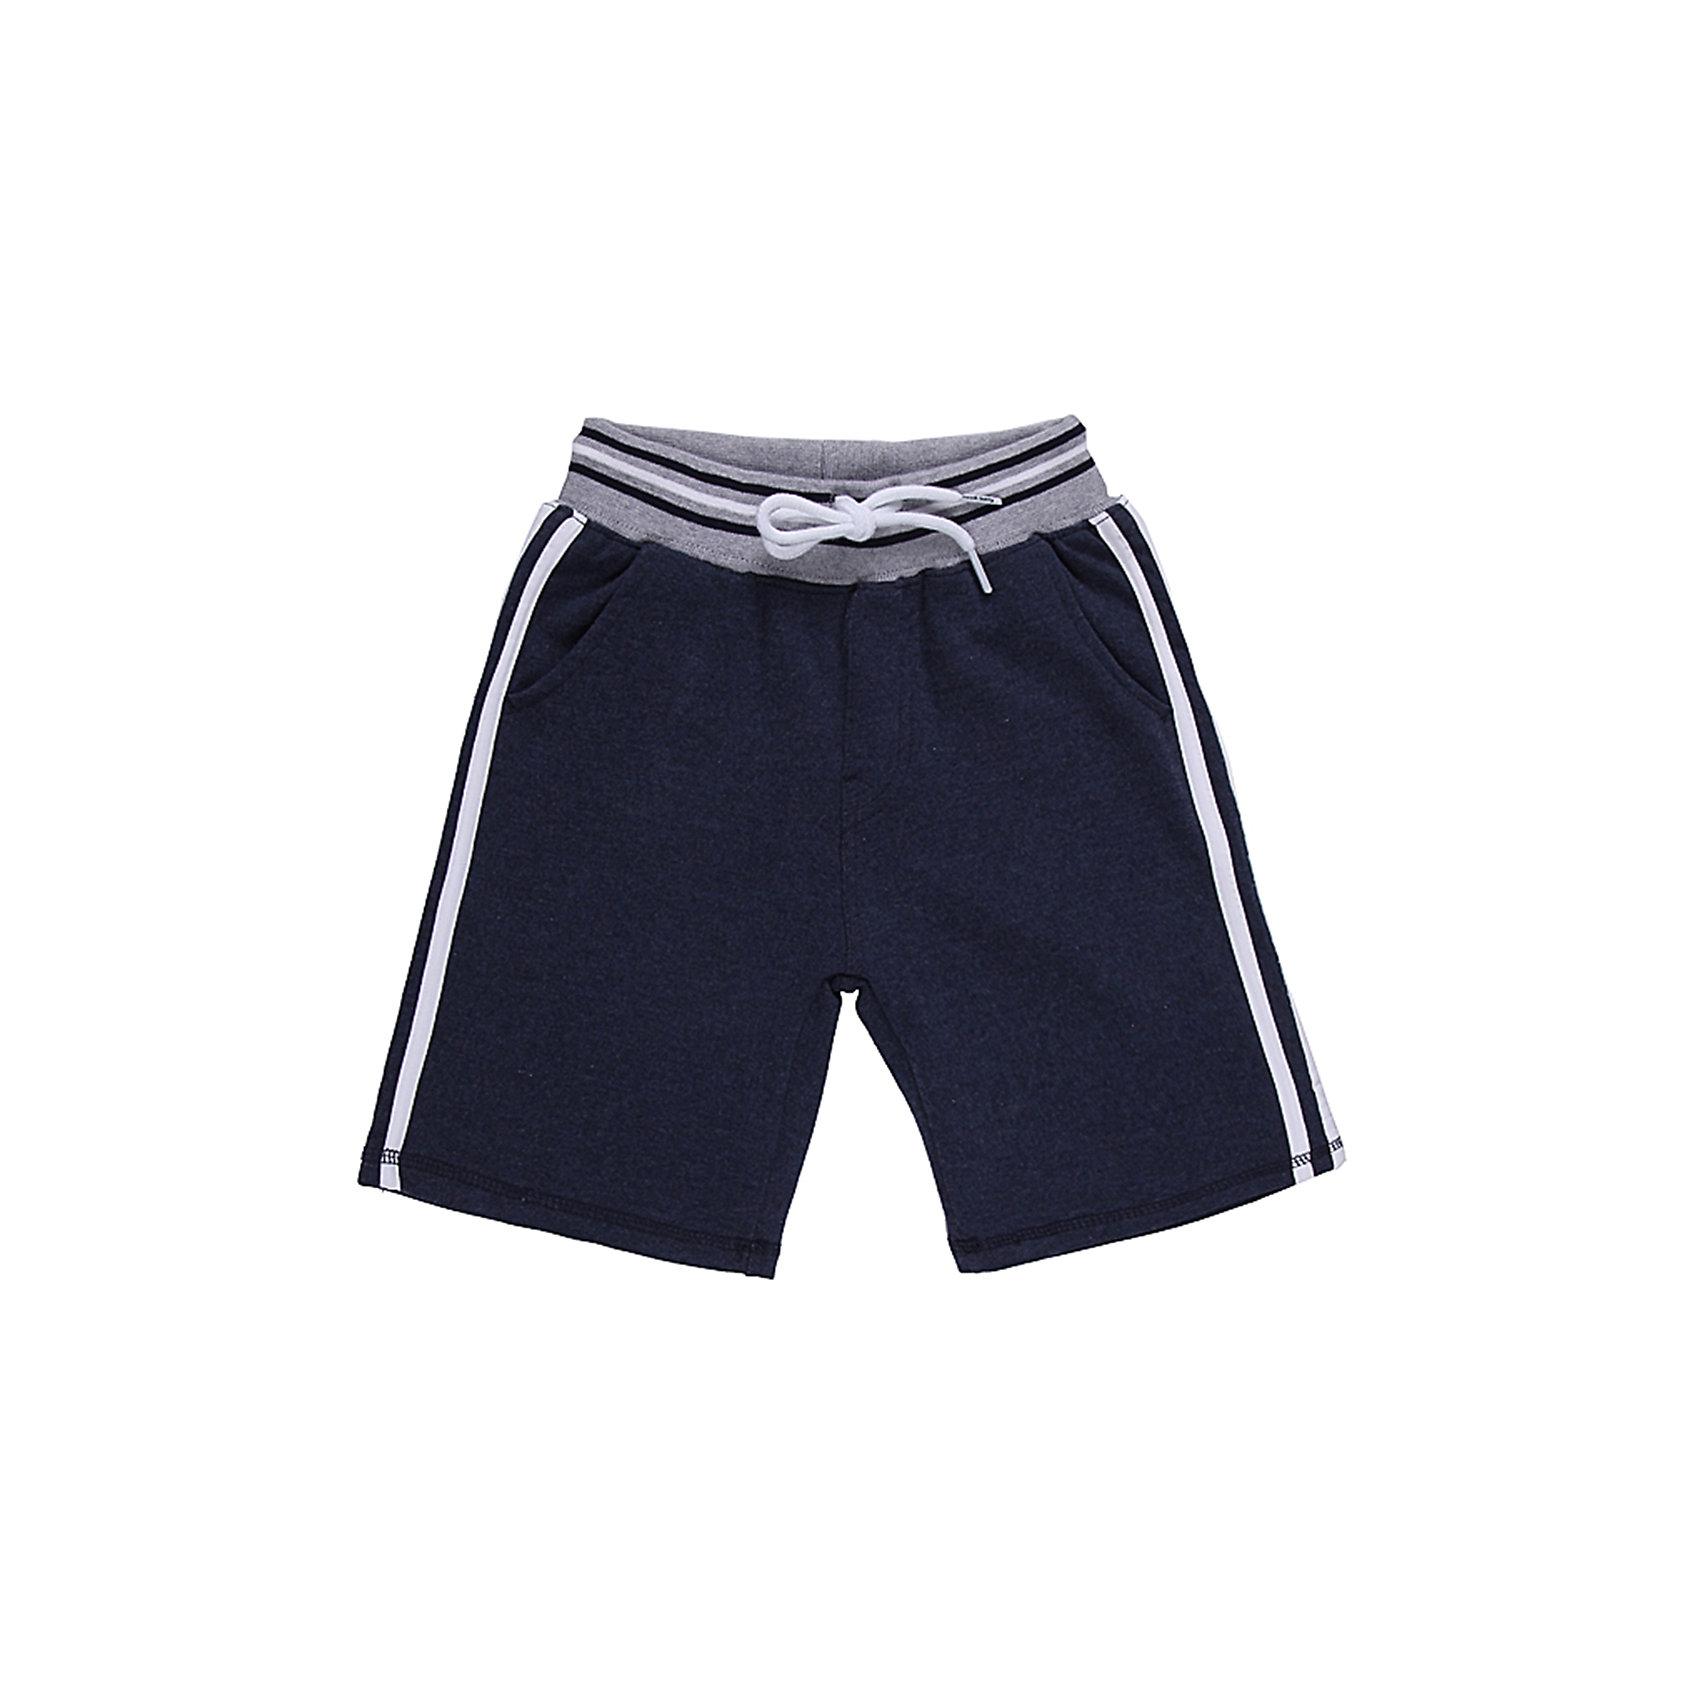 Бриджи для мальчика Sweet BerryТрикотажные шорты для мальчика, красивого синего цвета с контрастными вставками. Пояс с внутренней резинкой и дополнительным хлопковым шнурком.<br>Состав:<br>95% хлопок 5% эластан<br><br>Ширина мм: 191<br>Глубина мм: 10<br>Высота мм: 175<br>Вес г: 273<br>Цвет: синий/белый<br>Возраст от месяцев: 24<br>Возраст до месяцев: 36<br>Пол: Мужской<br>Возраст: Детский<br>Размер: 98,122,116,110,128,104<br>SKU: 4522919